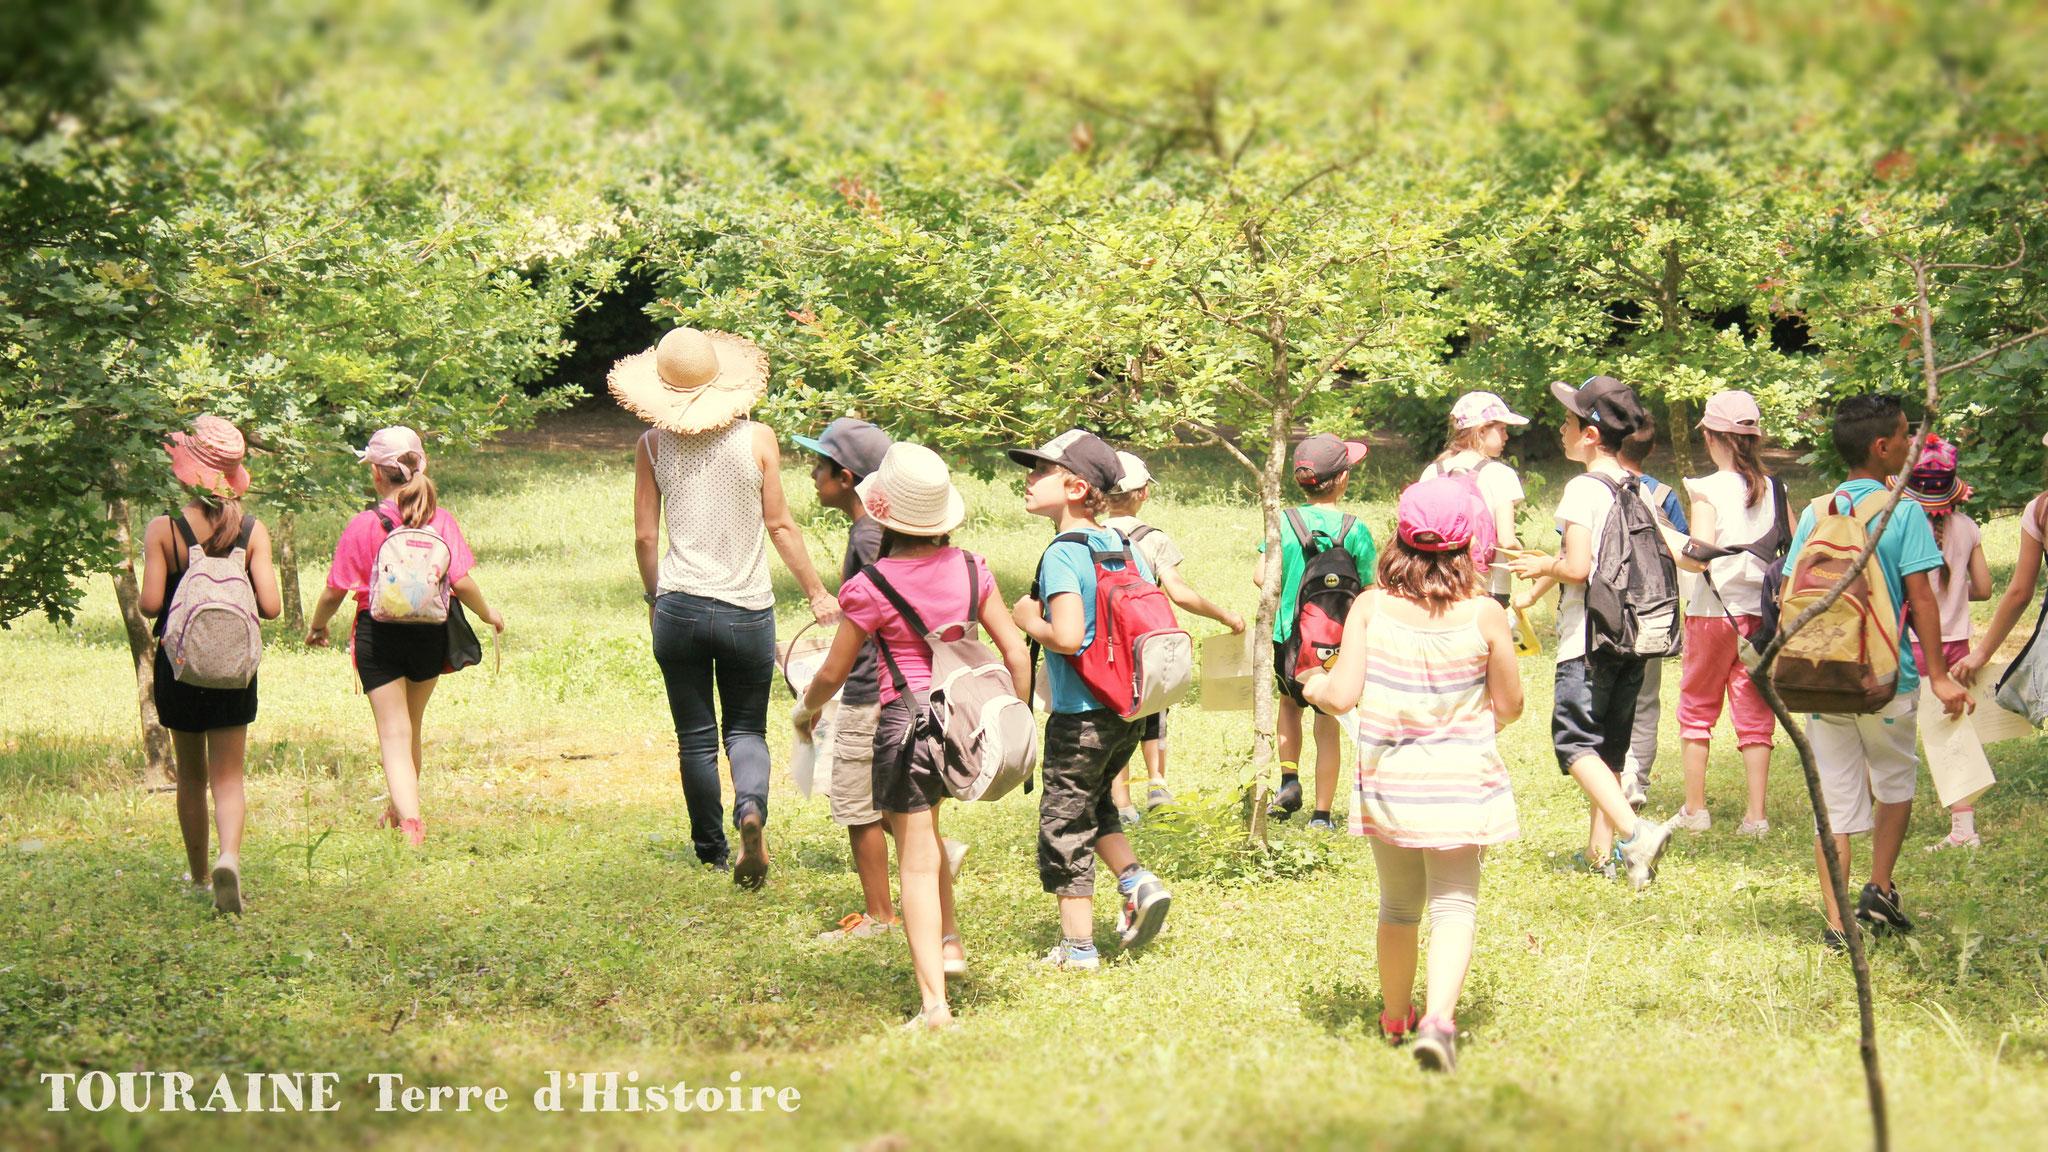 Le jardin botanique de tours office de tourisme du pays for Jardin botanique tours